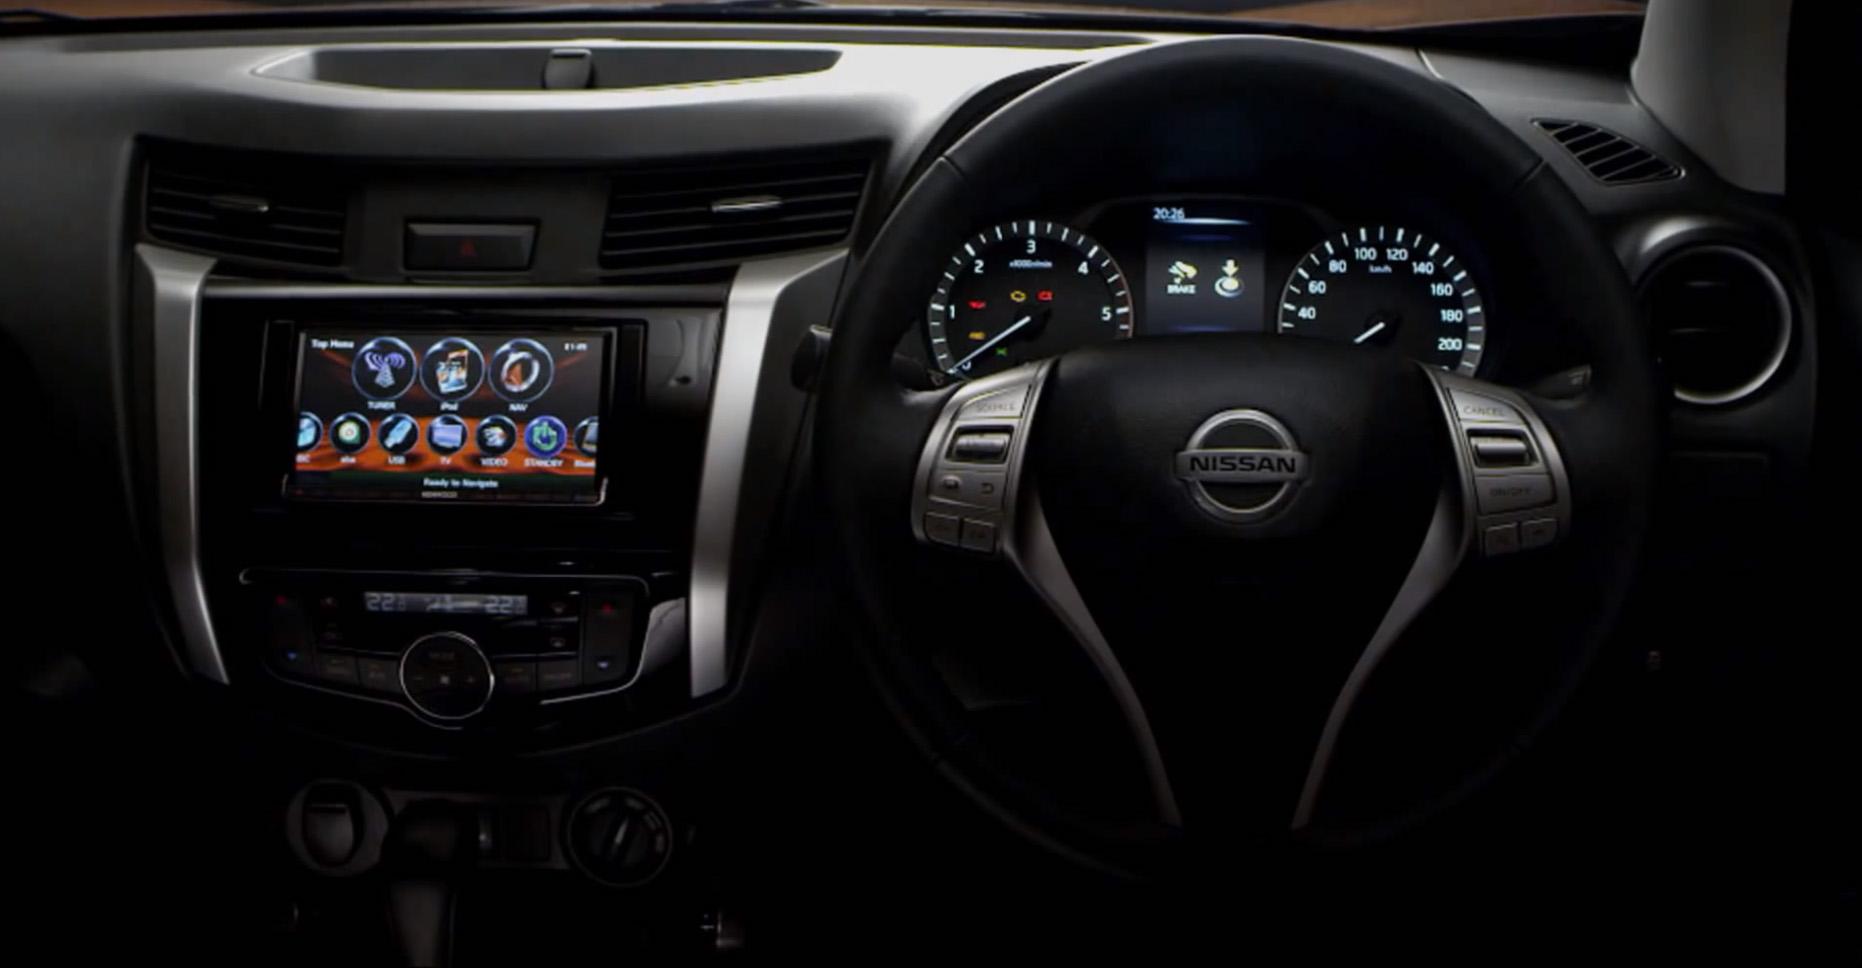 New Nissan Navara interior revealed - photos | CarAdvice